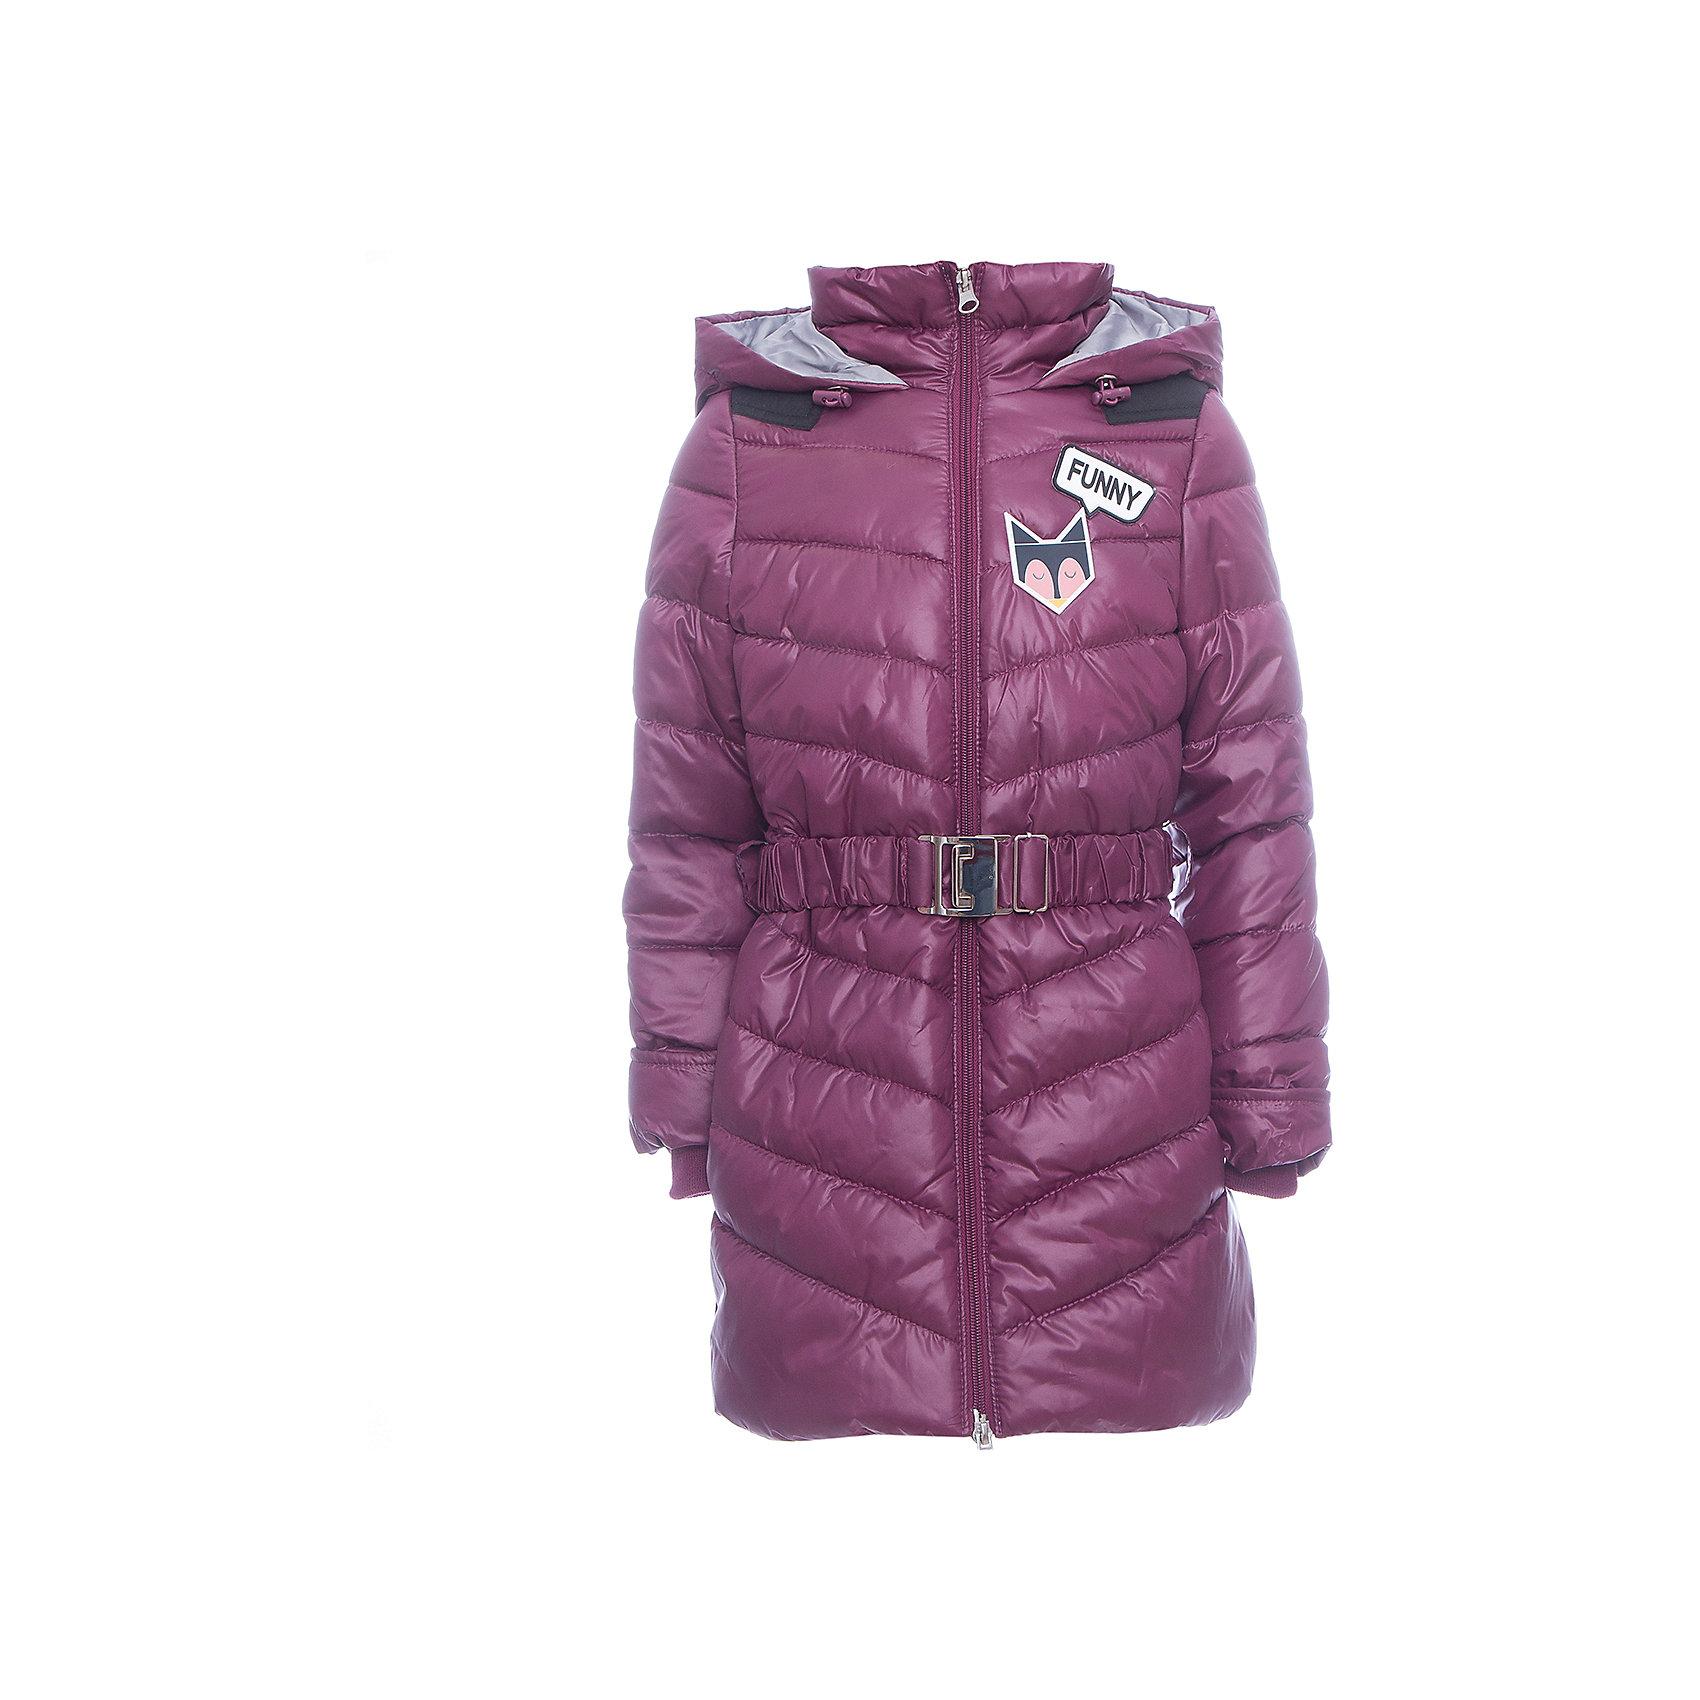 Пальто BOOM by Orby для девочкиВерхняя одежда<br>Характеристики товара:<br><br>• цвет: фиолетовый<br>• ткань верха: Таффета oil cire pu milky<br>• отделка: Таслан pu milky<br>• подкладка: Флис; ПЭ пуходержащий<br>• утеплитель: Flexy Fiber 200 г/м2<br>• сезон: демисезон<br>• температурный режим: от -5°до +10°С<br>• особенности: дутая, на молнии, стеганая<br>• тип пальто: стеганое<br>• капюшон: без меха, отстегивается<br>• страна бренда: Россия<br>• страна изготовитель: Россия<br><br>Детская демисезонная одежда должна учитывать переменную погоду, быть теплой и удобной, как это пальто для девочки. Благодаря поясу и вышивке оно стильно смотрится и хорошо сидит по фигуре.<br><br>Пальто BOOM by Orby для девочки можно купить в нашем интернет-магазине.<br><br>Ширина мм: 356<br>Глубина мм: 10<br>Высота мм: 245<br>Вес г: 519<br>Цвет: лиловый<br>Возраст от месяцев: 144<br>Возраст до месяцев: 156<br>Пол: Женский<br>Возраст: Детский<br>Размер: 158,86,92,104,110,98,116,122,128,134,140,146,152<br>SKU: 7007046